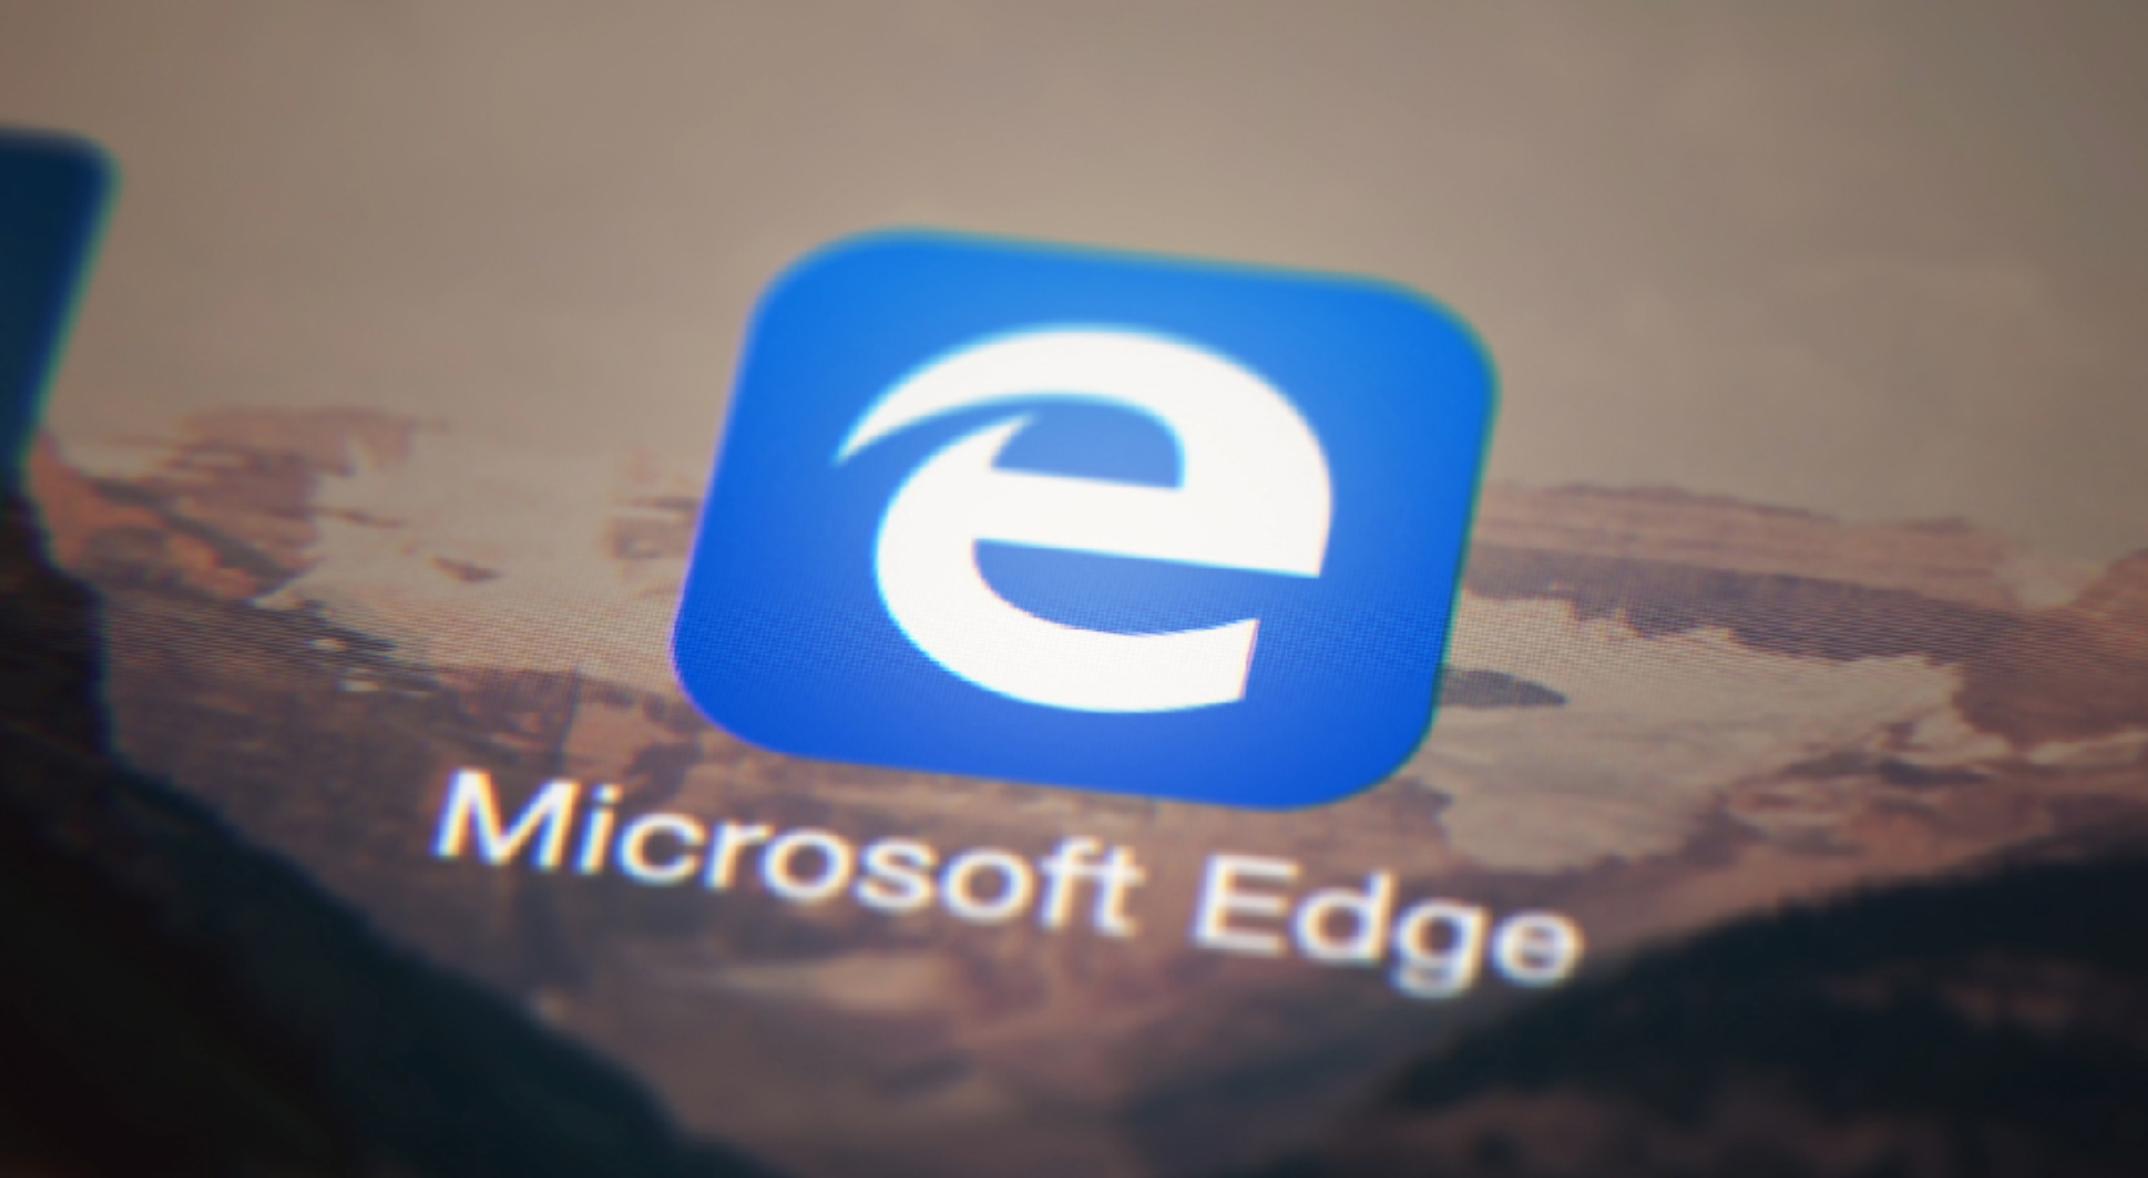 المتصفح مايكروسوفت إيدج